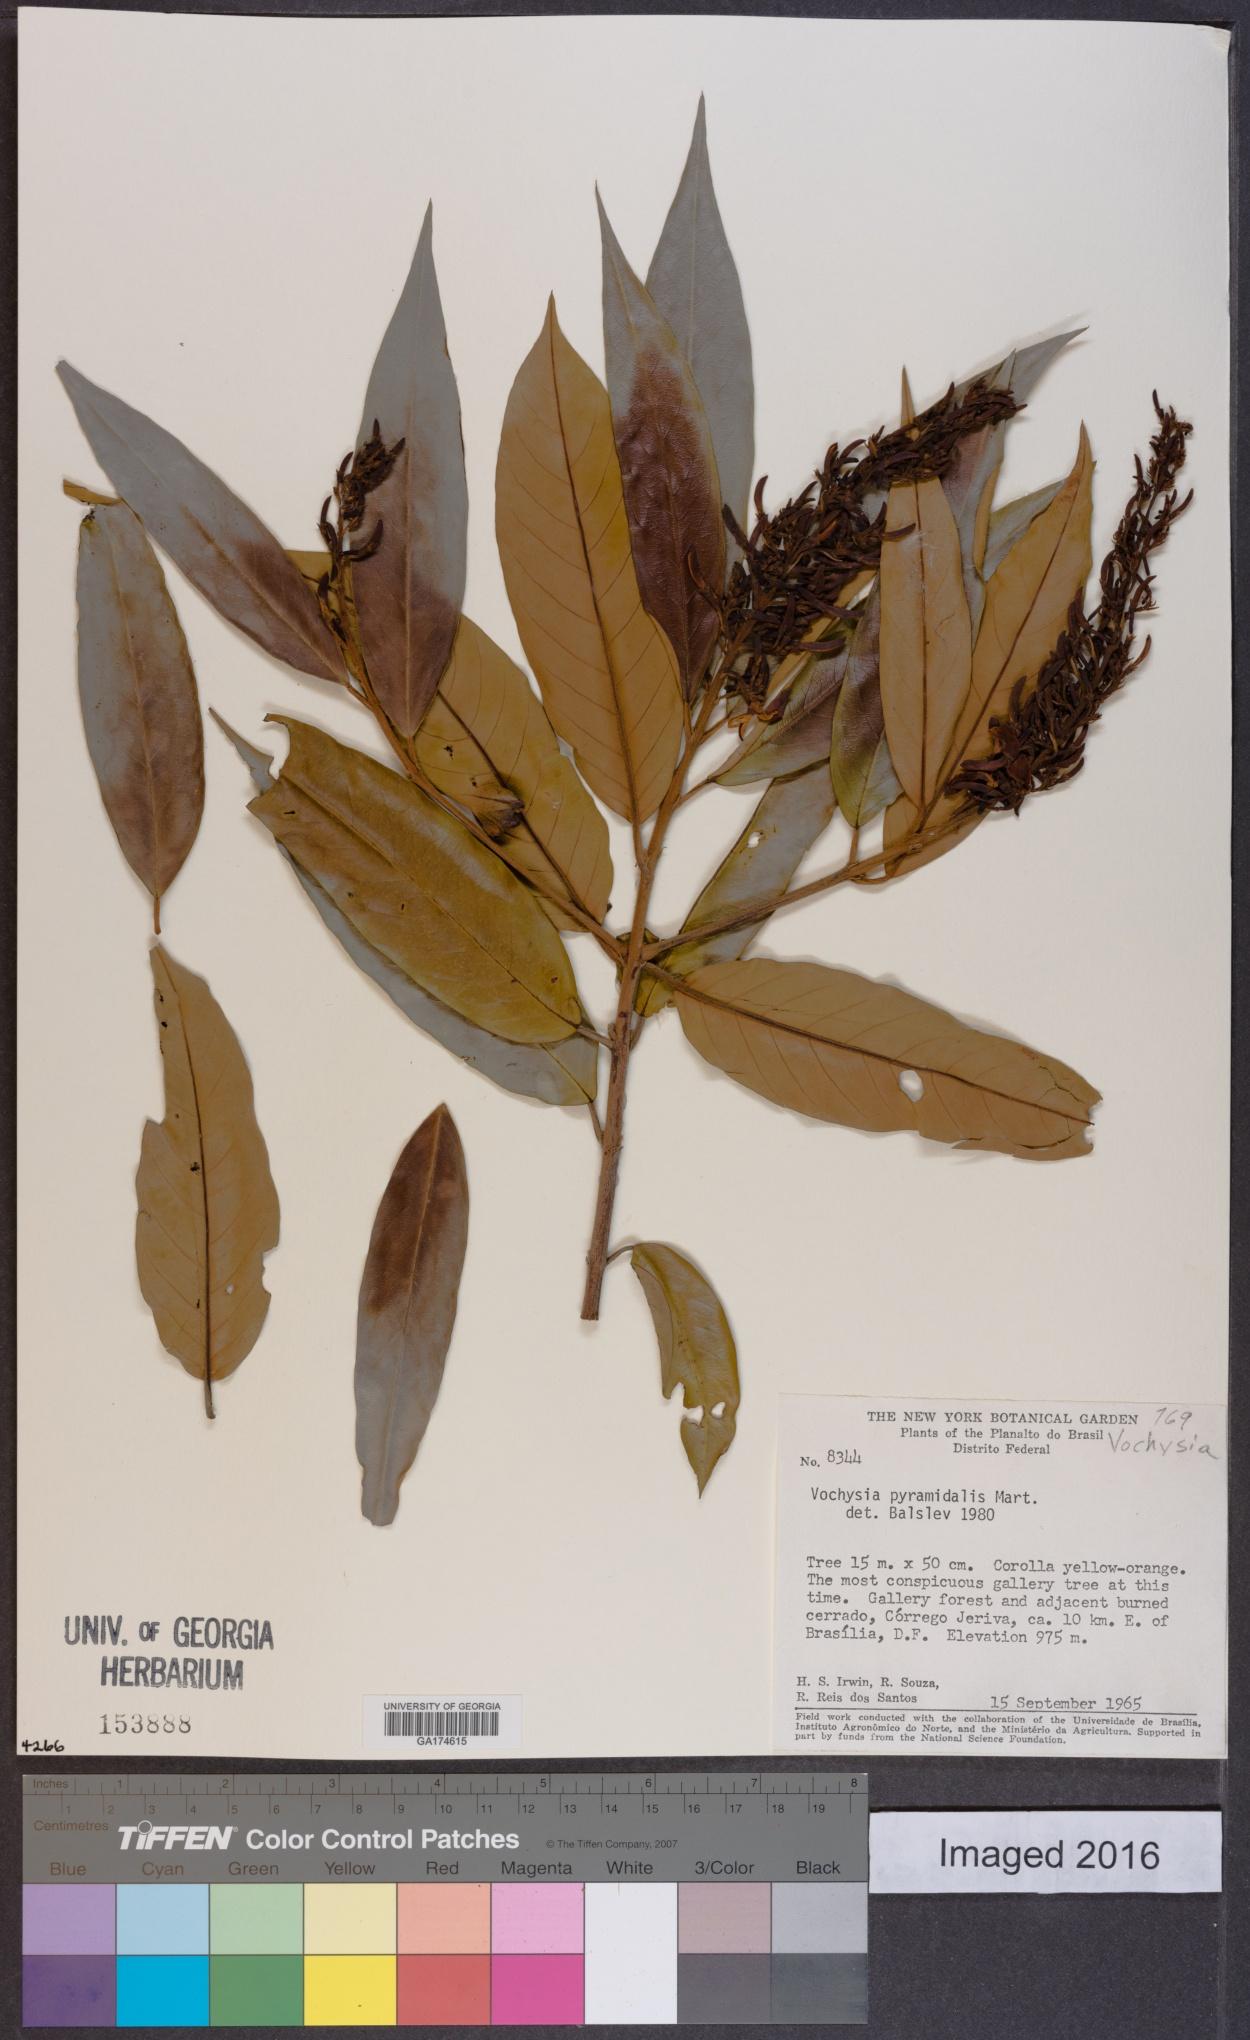 Vochysia pyramidalis image